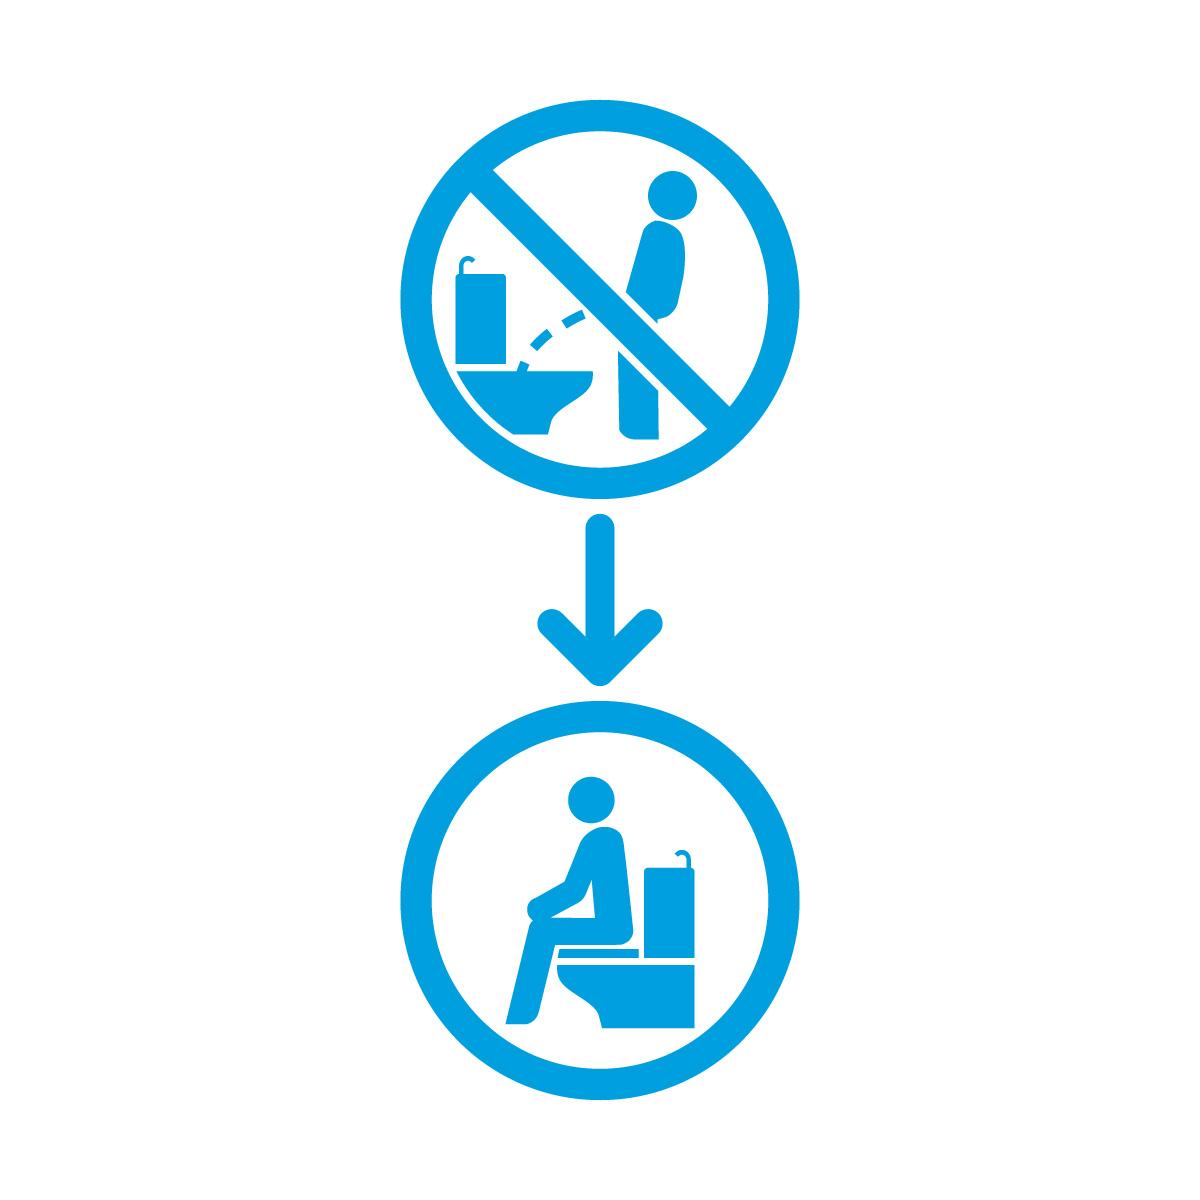 青色の洋式トイレに座って使用をお願いするカッティングステッカー・シール